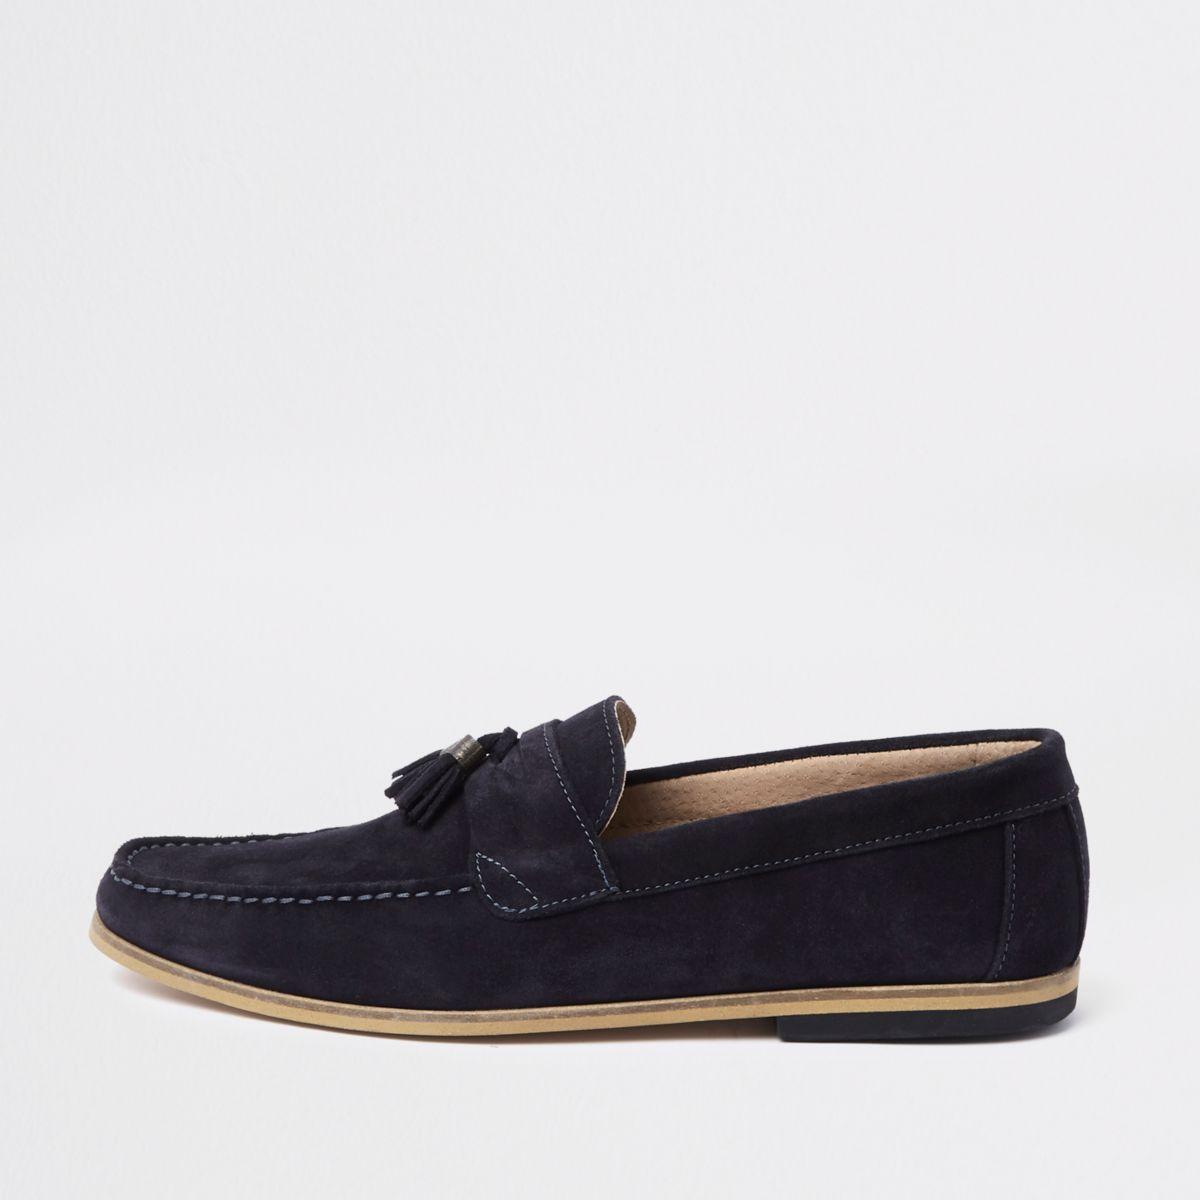 Navy suede contrast heel tassel loafers